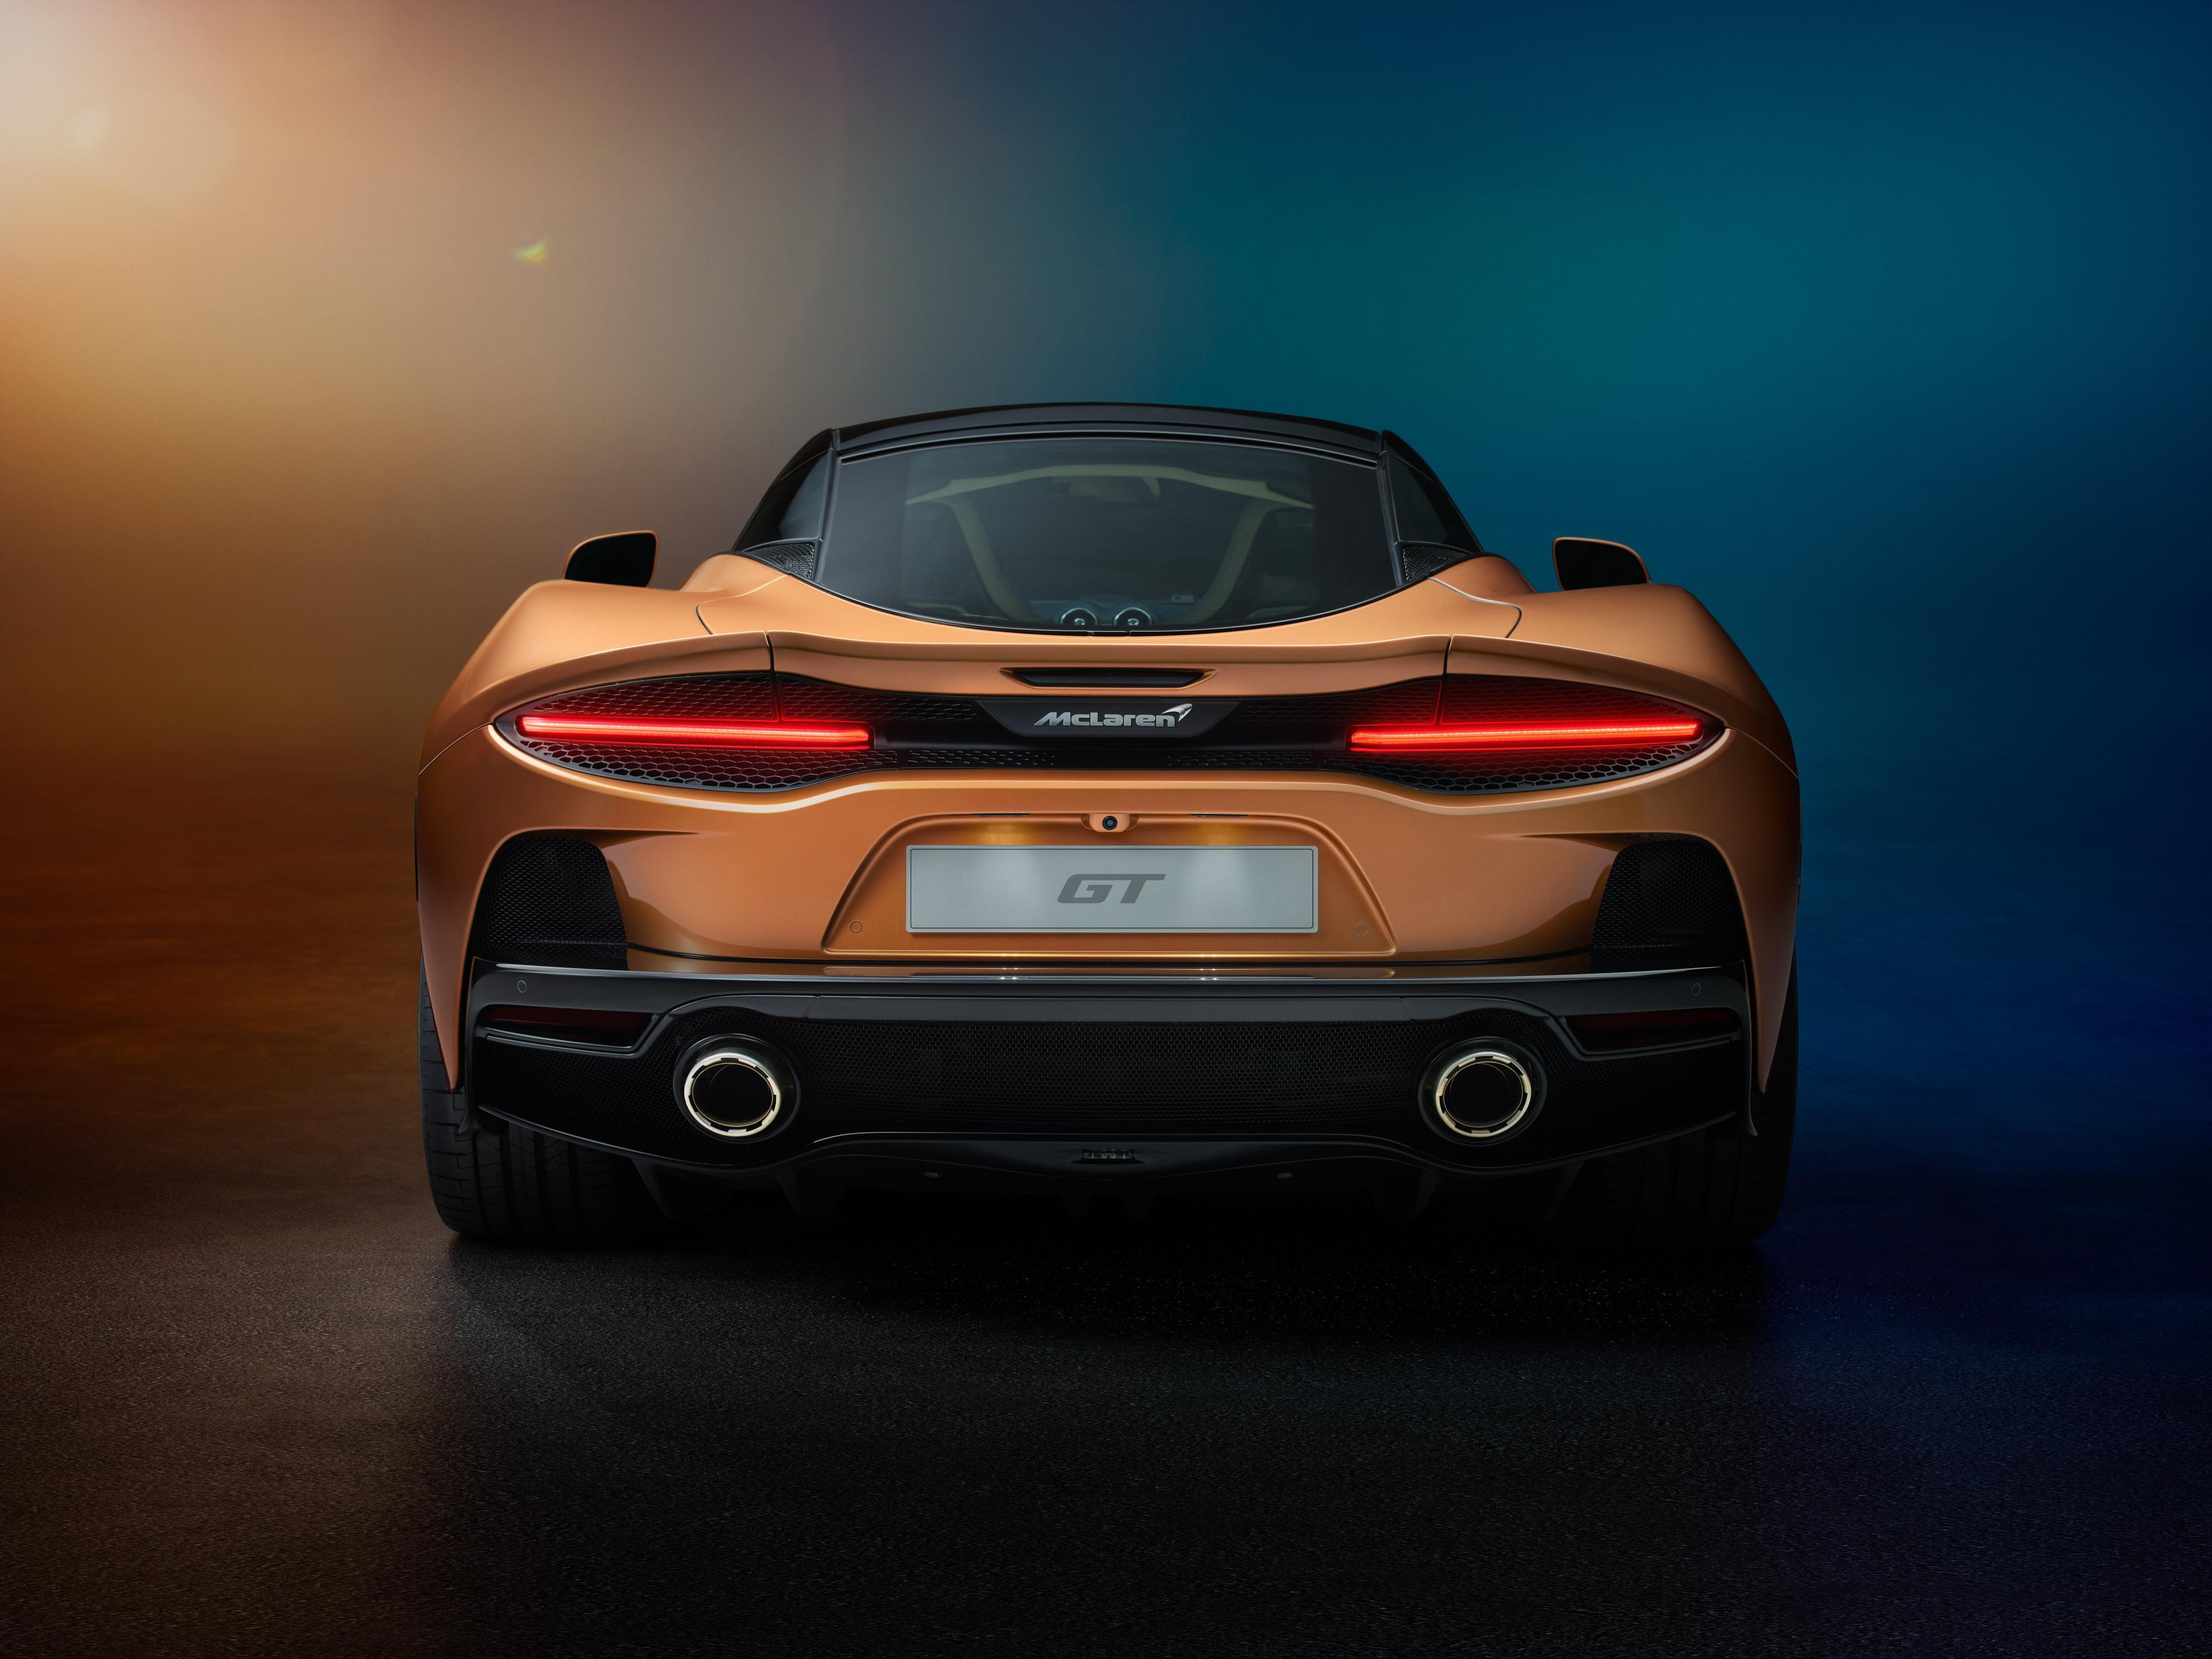 McLaren GT Rear View, Tailpipes